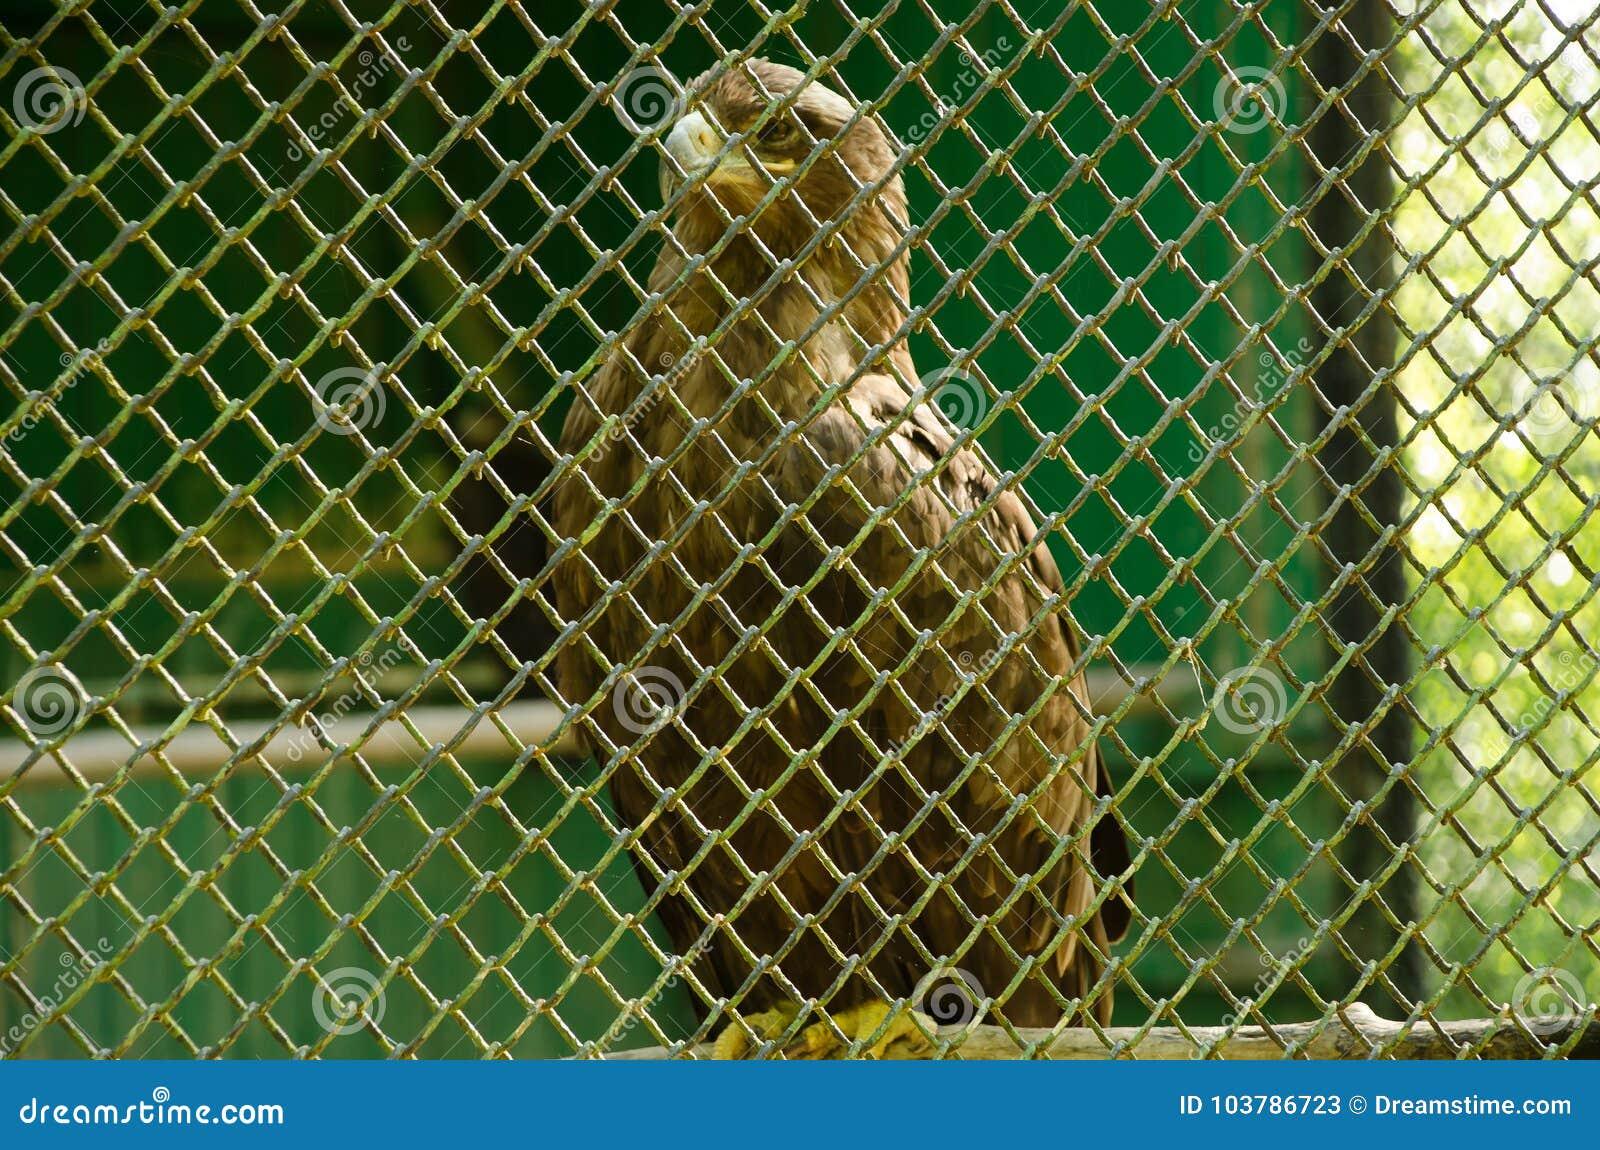 Bird of prey in a cage